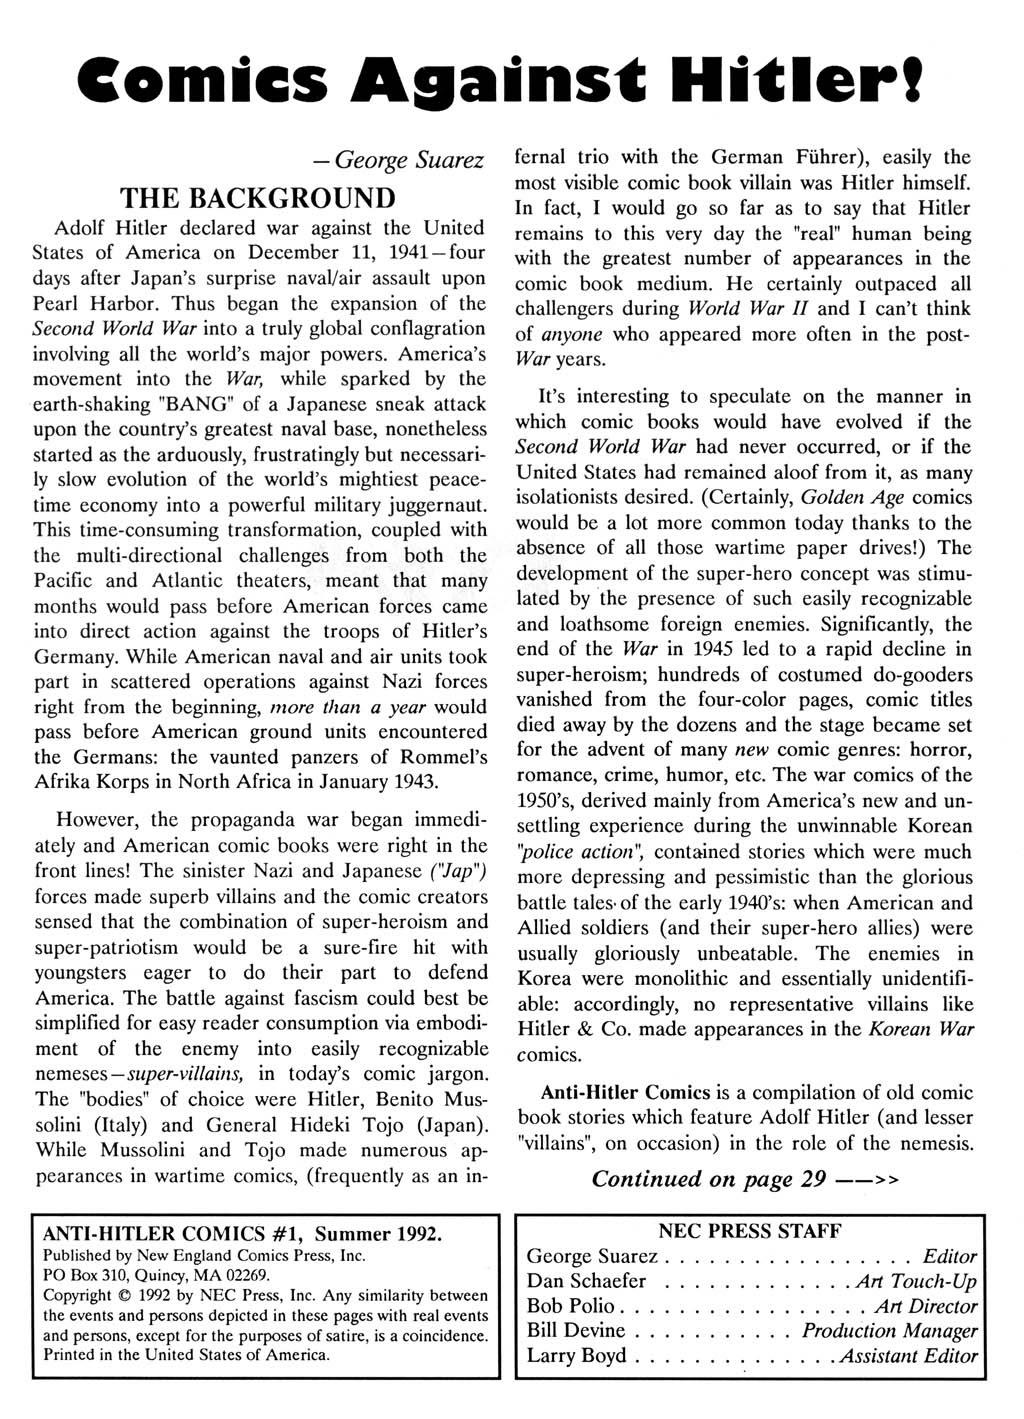 Anti-Hitler Comics Full Page 2